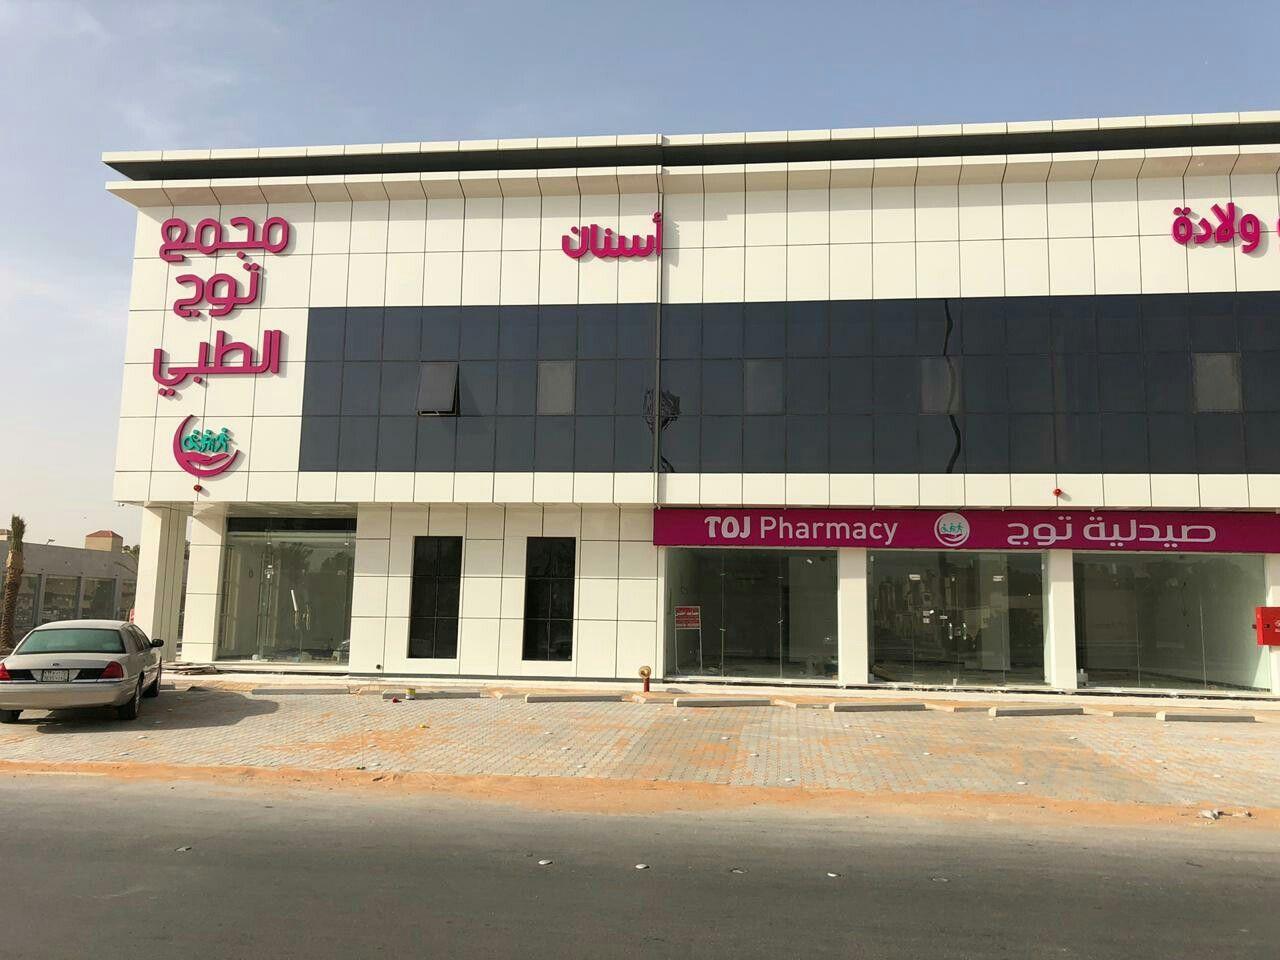 معارض للايجار بالرياض 0505264771 عقارات ايجار في الرياض حي قرطبة محلات ايجار فرصة استثماريه محل للإيجار موقع تجاري Outdoor Decor Decor Garage Doors